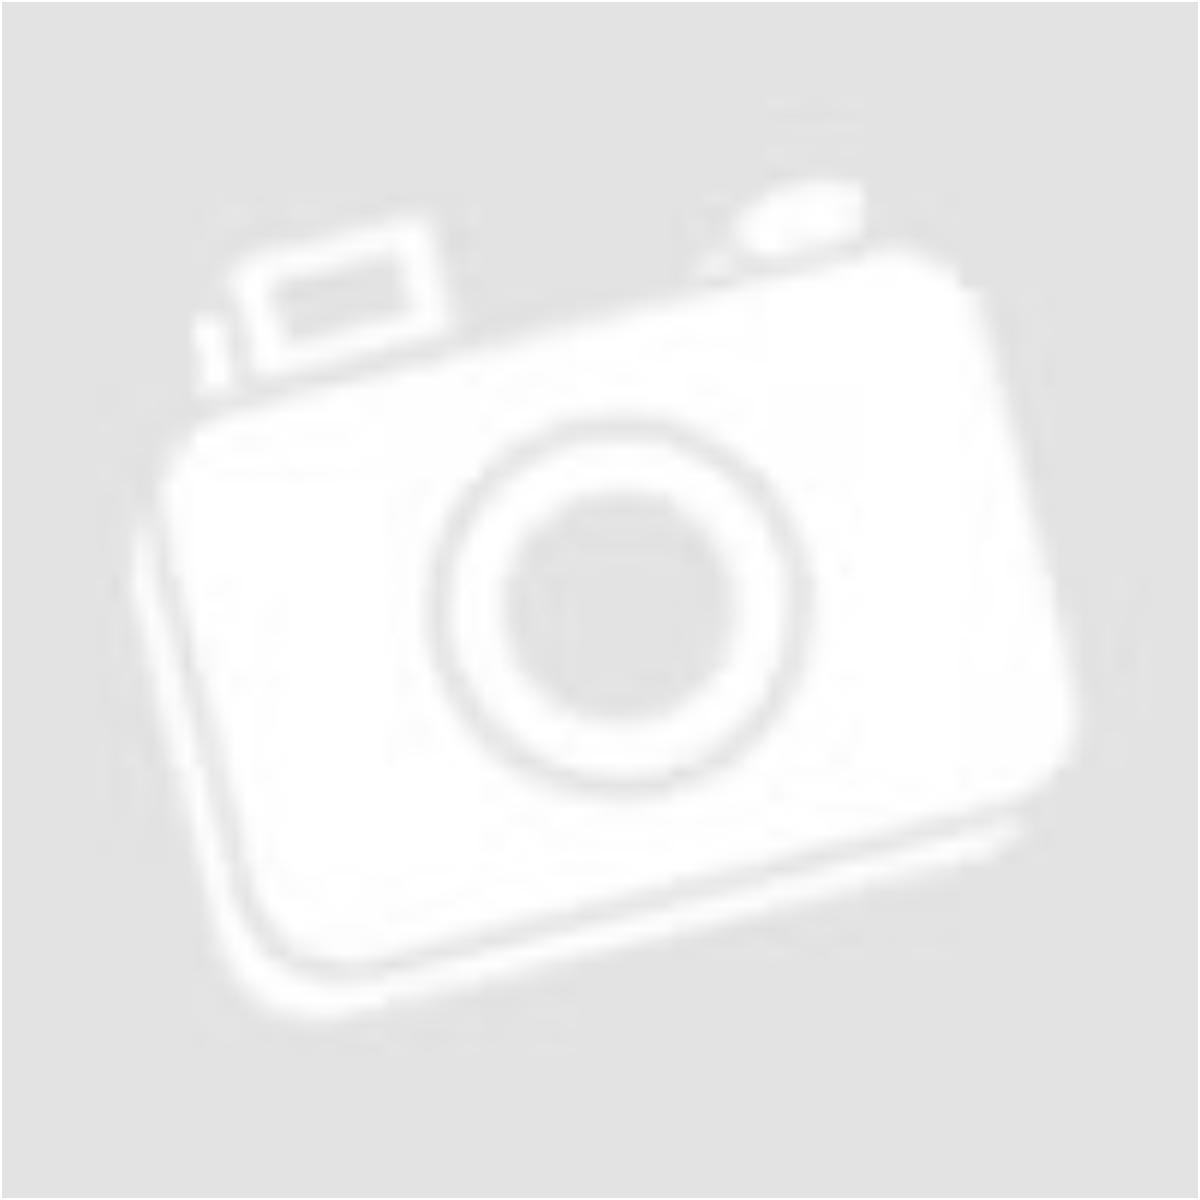 BIANCHI OLTRE XR3 DISC - ULTEGRA DI2 11SP 52/36 (FULCRUM RACING) kerékpár